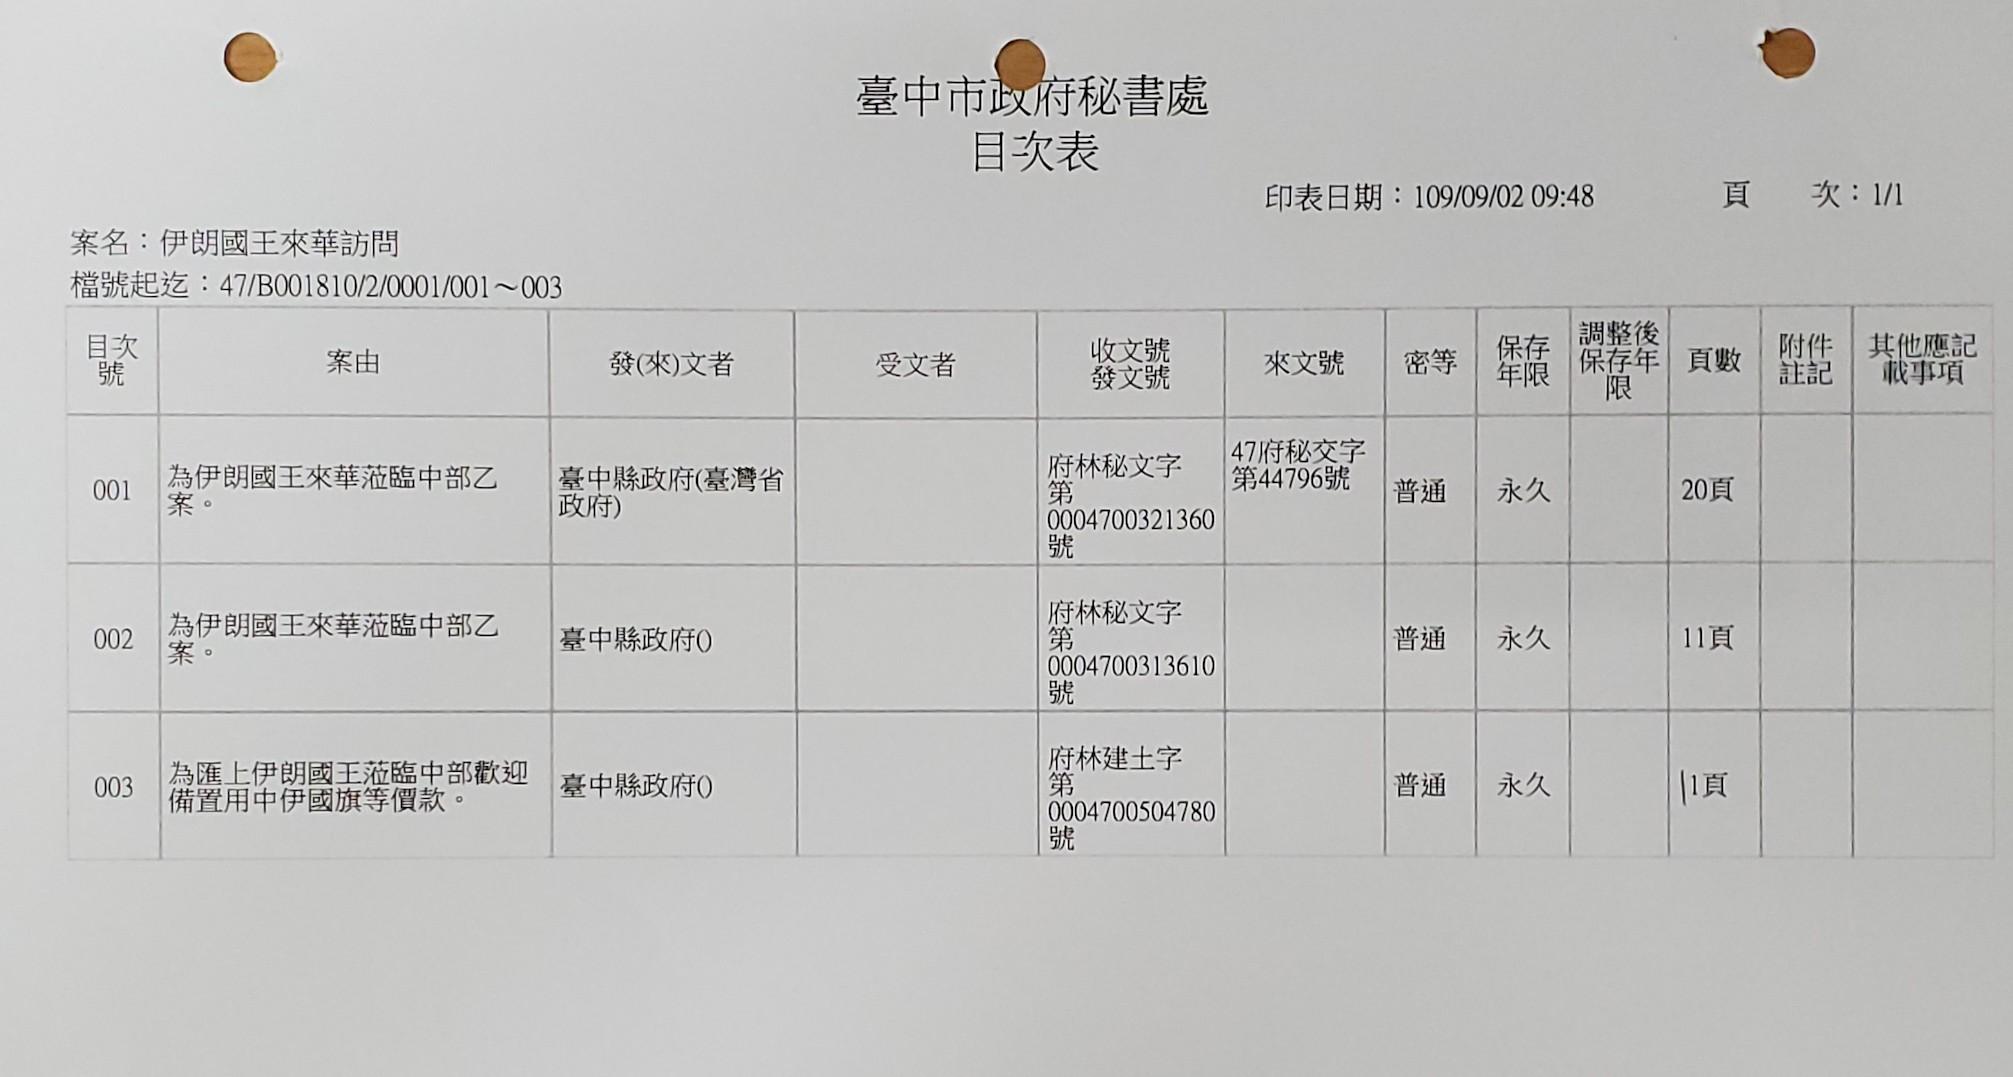 圖5 案件層級目次表範例